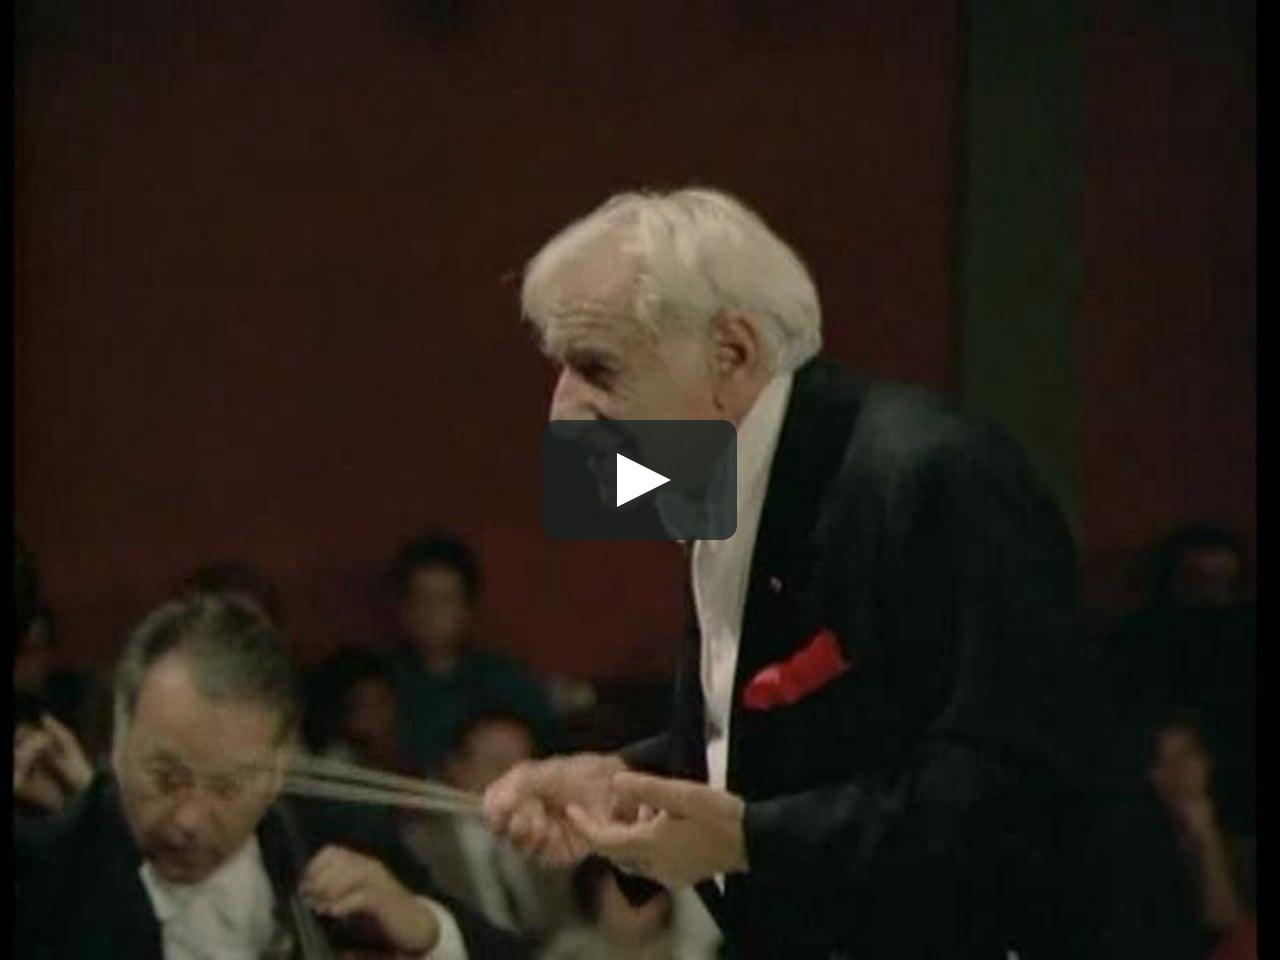 Jean Sibelius: Symphony no 5 - III. Allegro molto - Leonard Bernstein & Wiener Philharmoniker